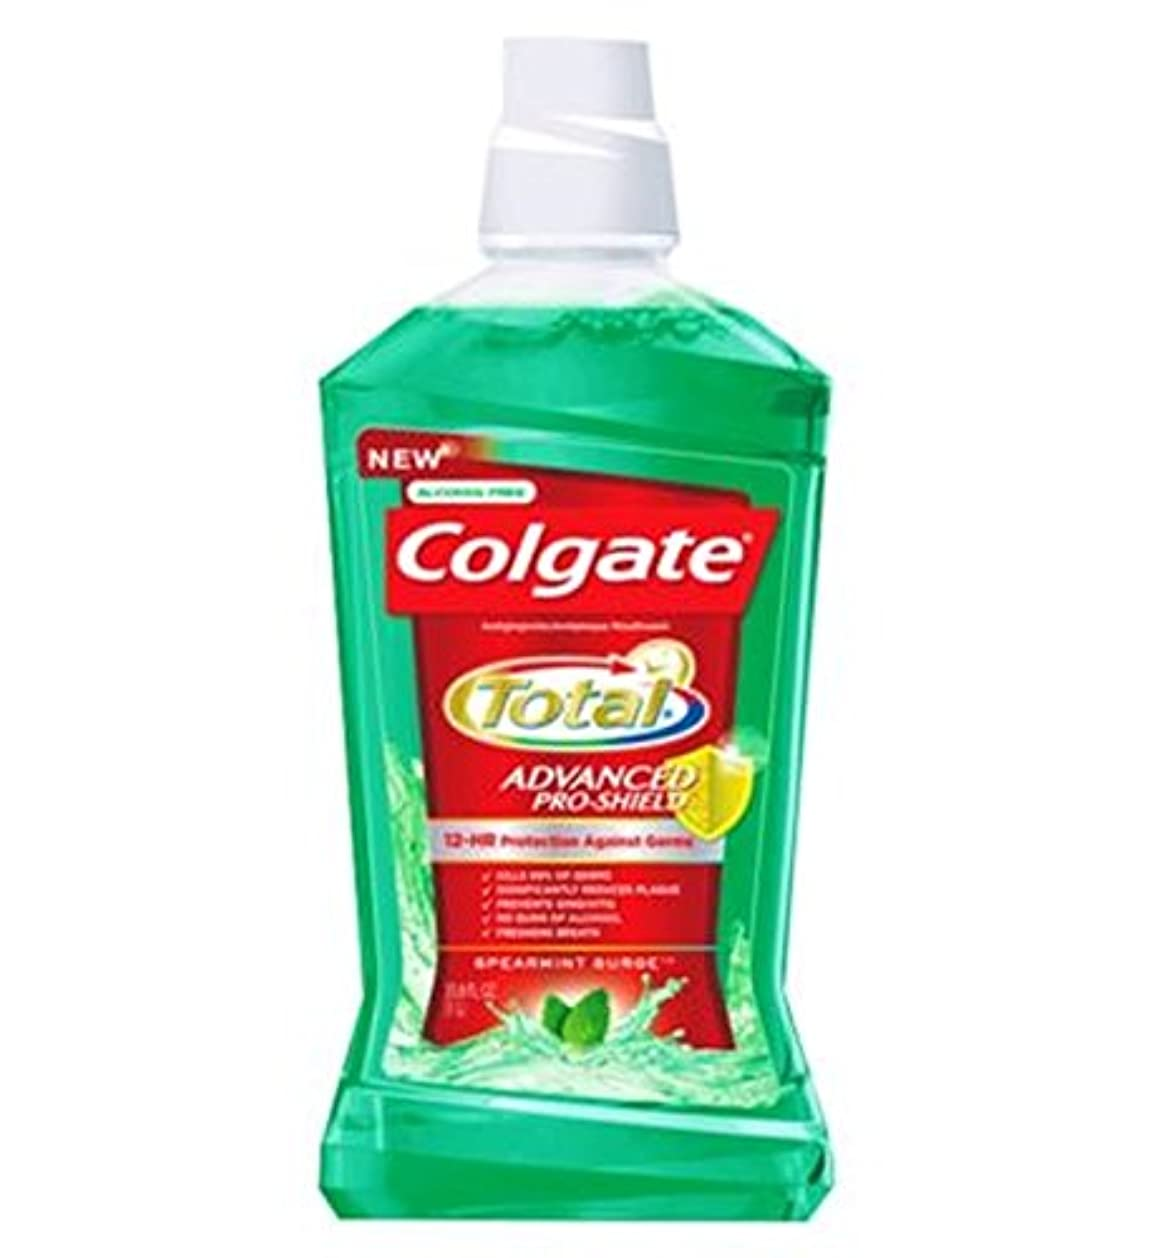 がっかりした不正確聖歌コルゲートの口内洗浄剤の合計緑500ミリリットル (Colgate) (x2) - Colgate Mouthrinse Total Green 500ml (Pack of 2) [並行輸入品]